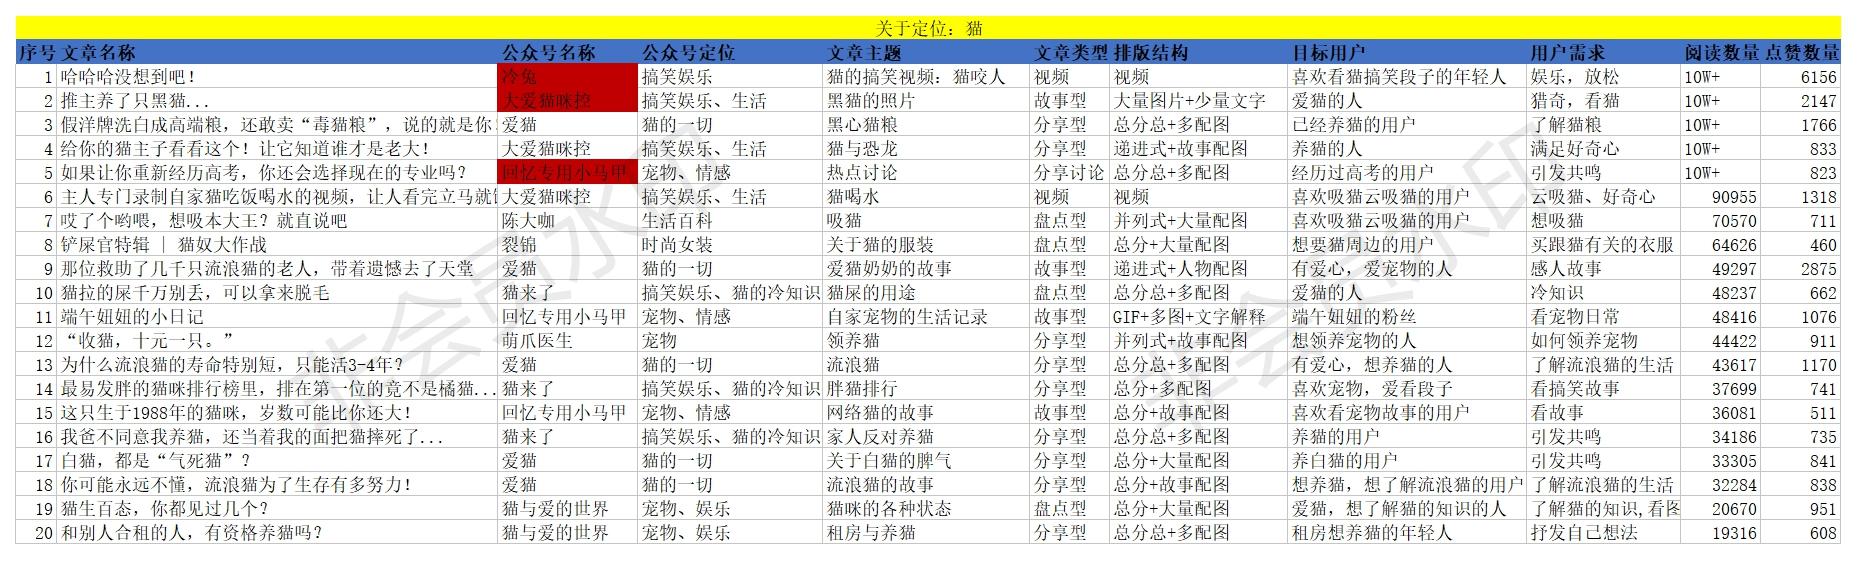 工作簿1.jpg